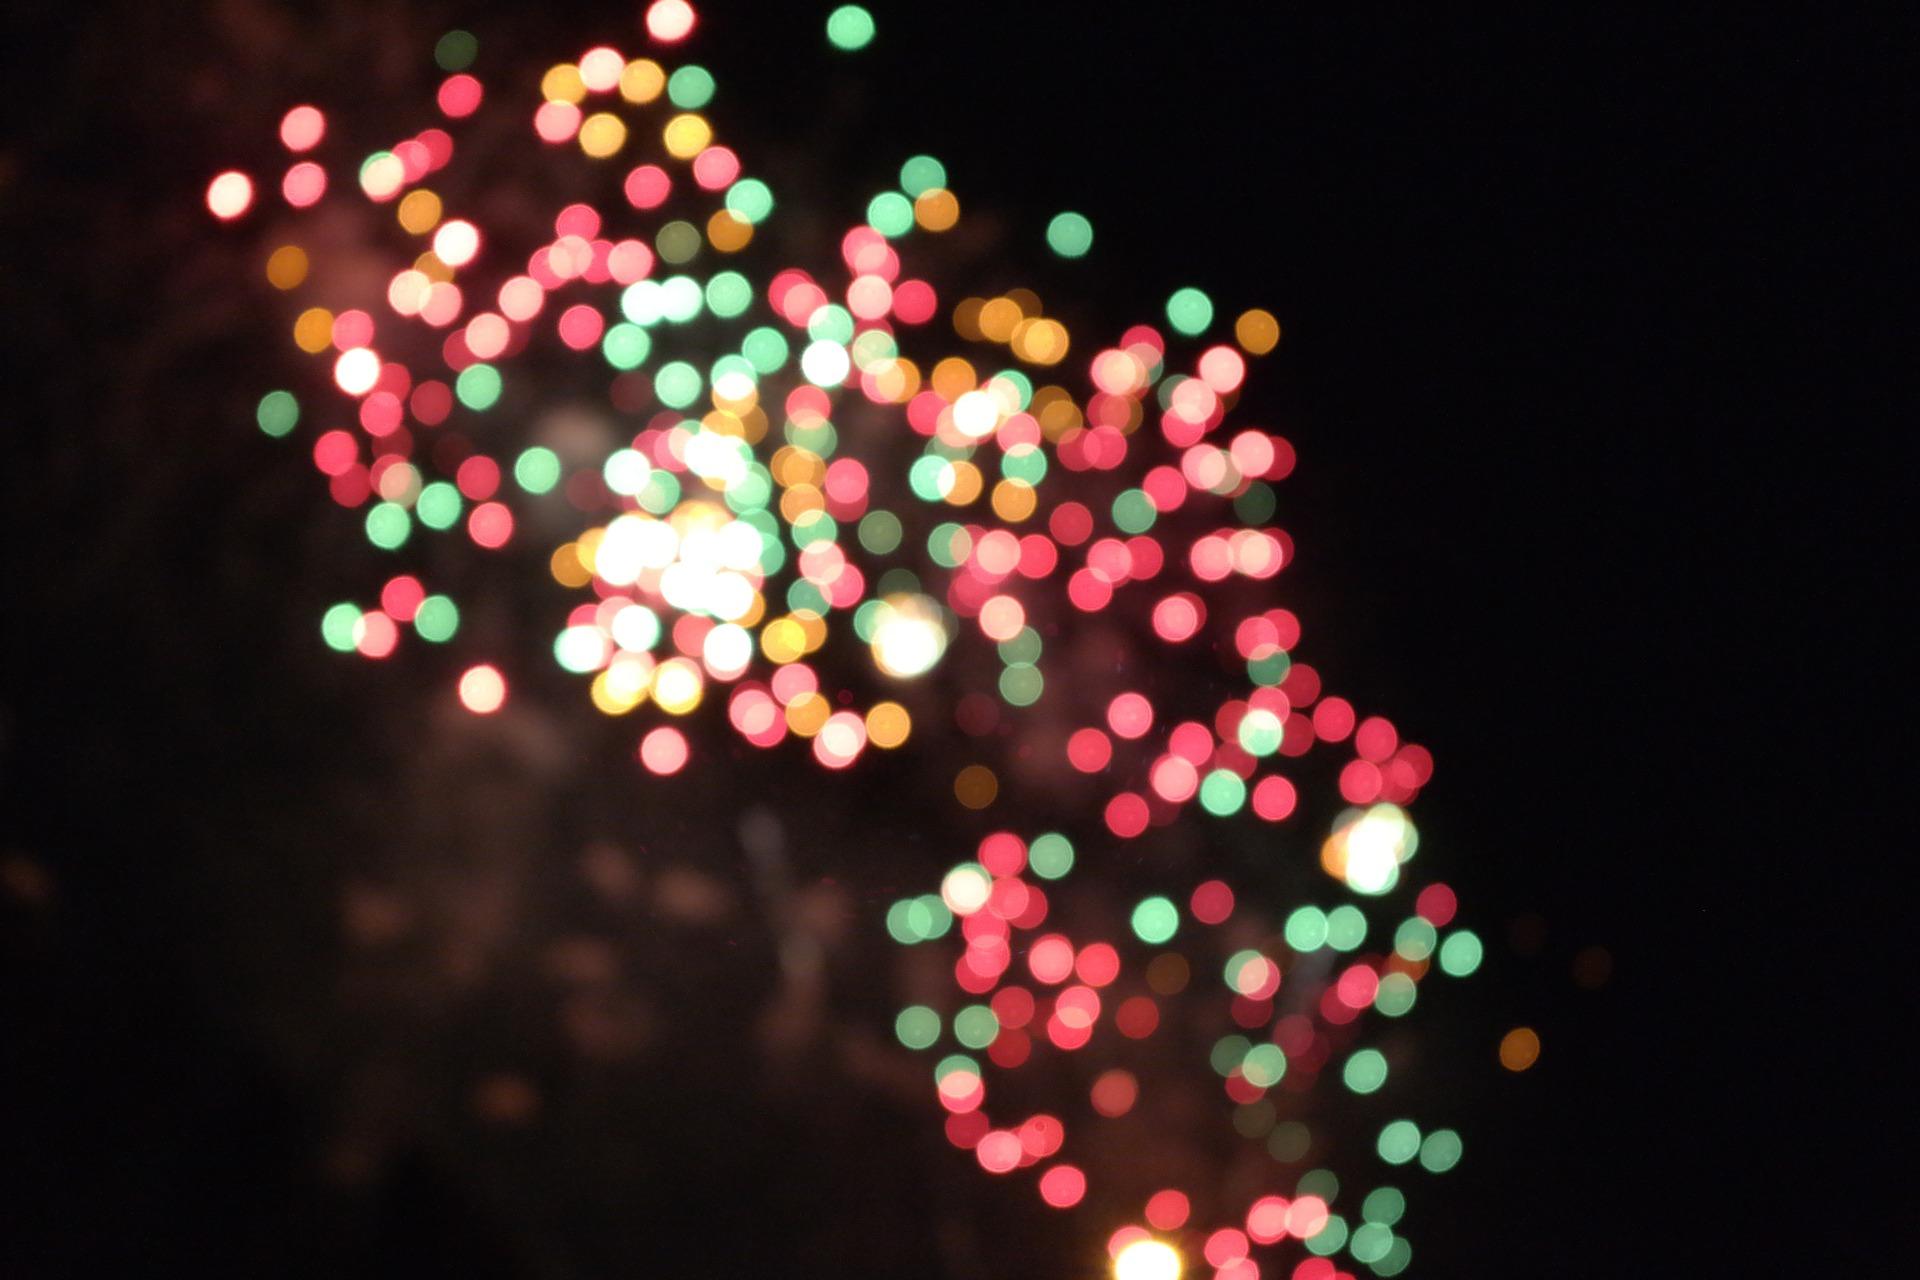 A blurred fireworks scene.